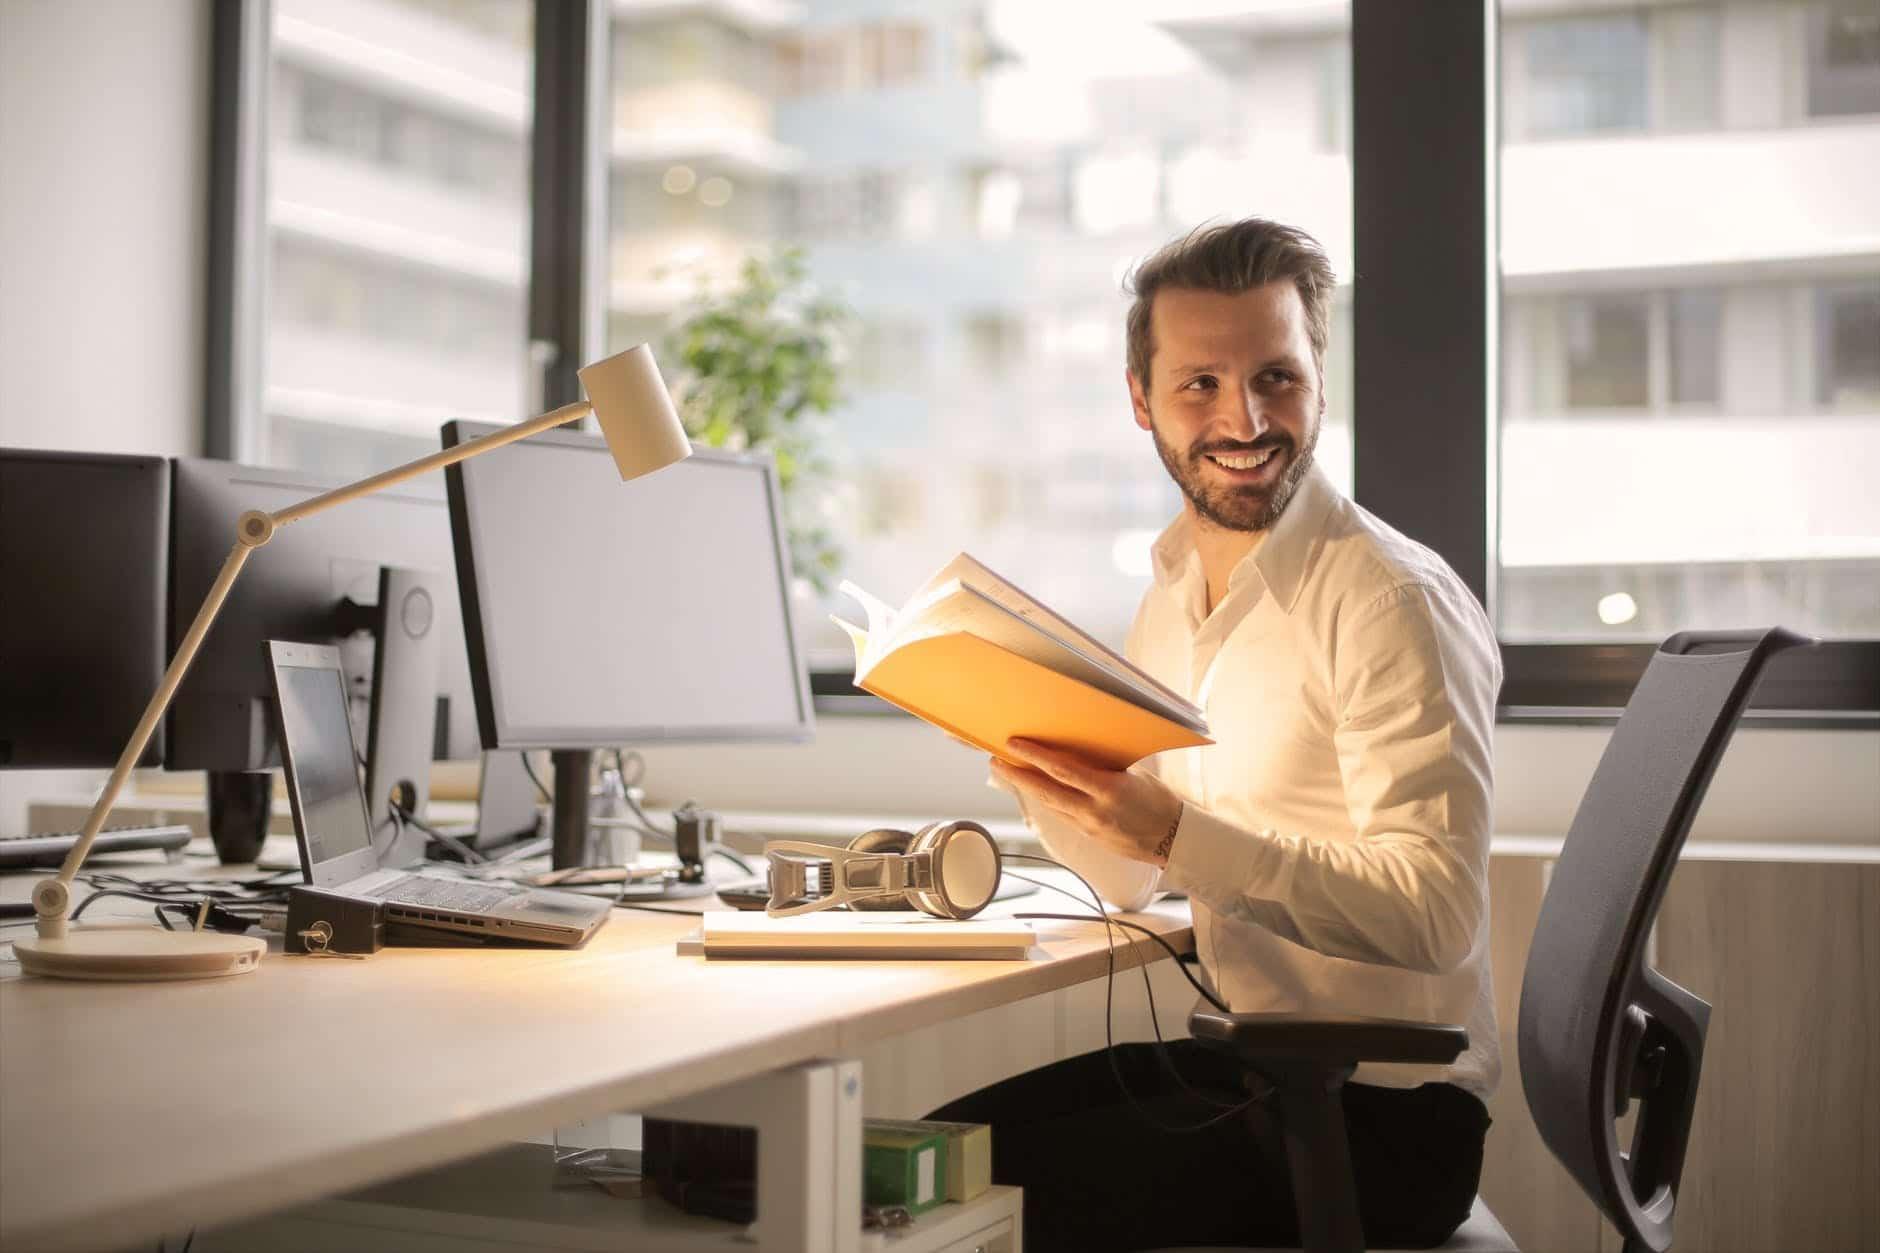 Mejora la calidad de vida de tus colaboradores